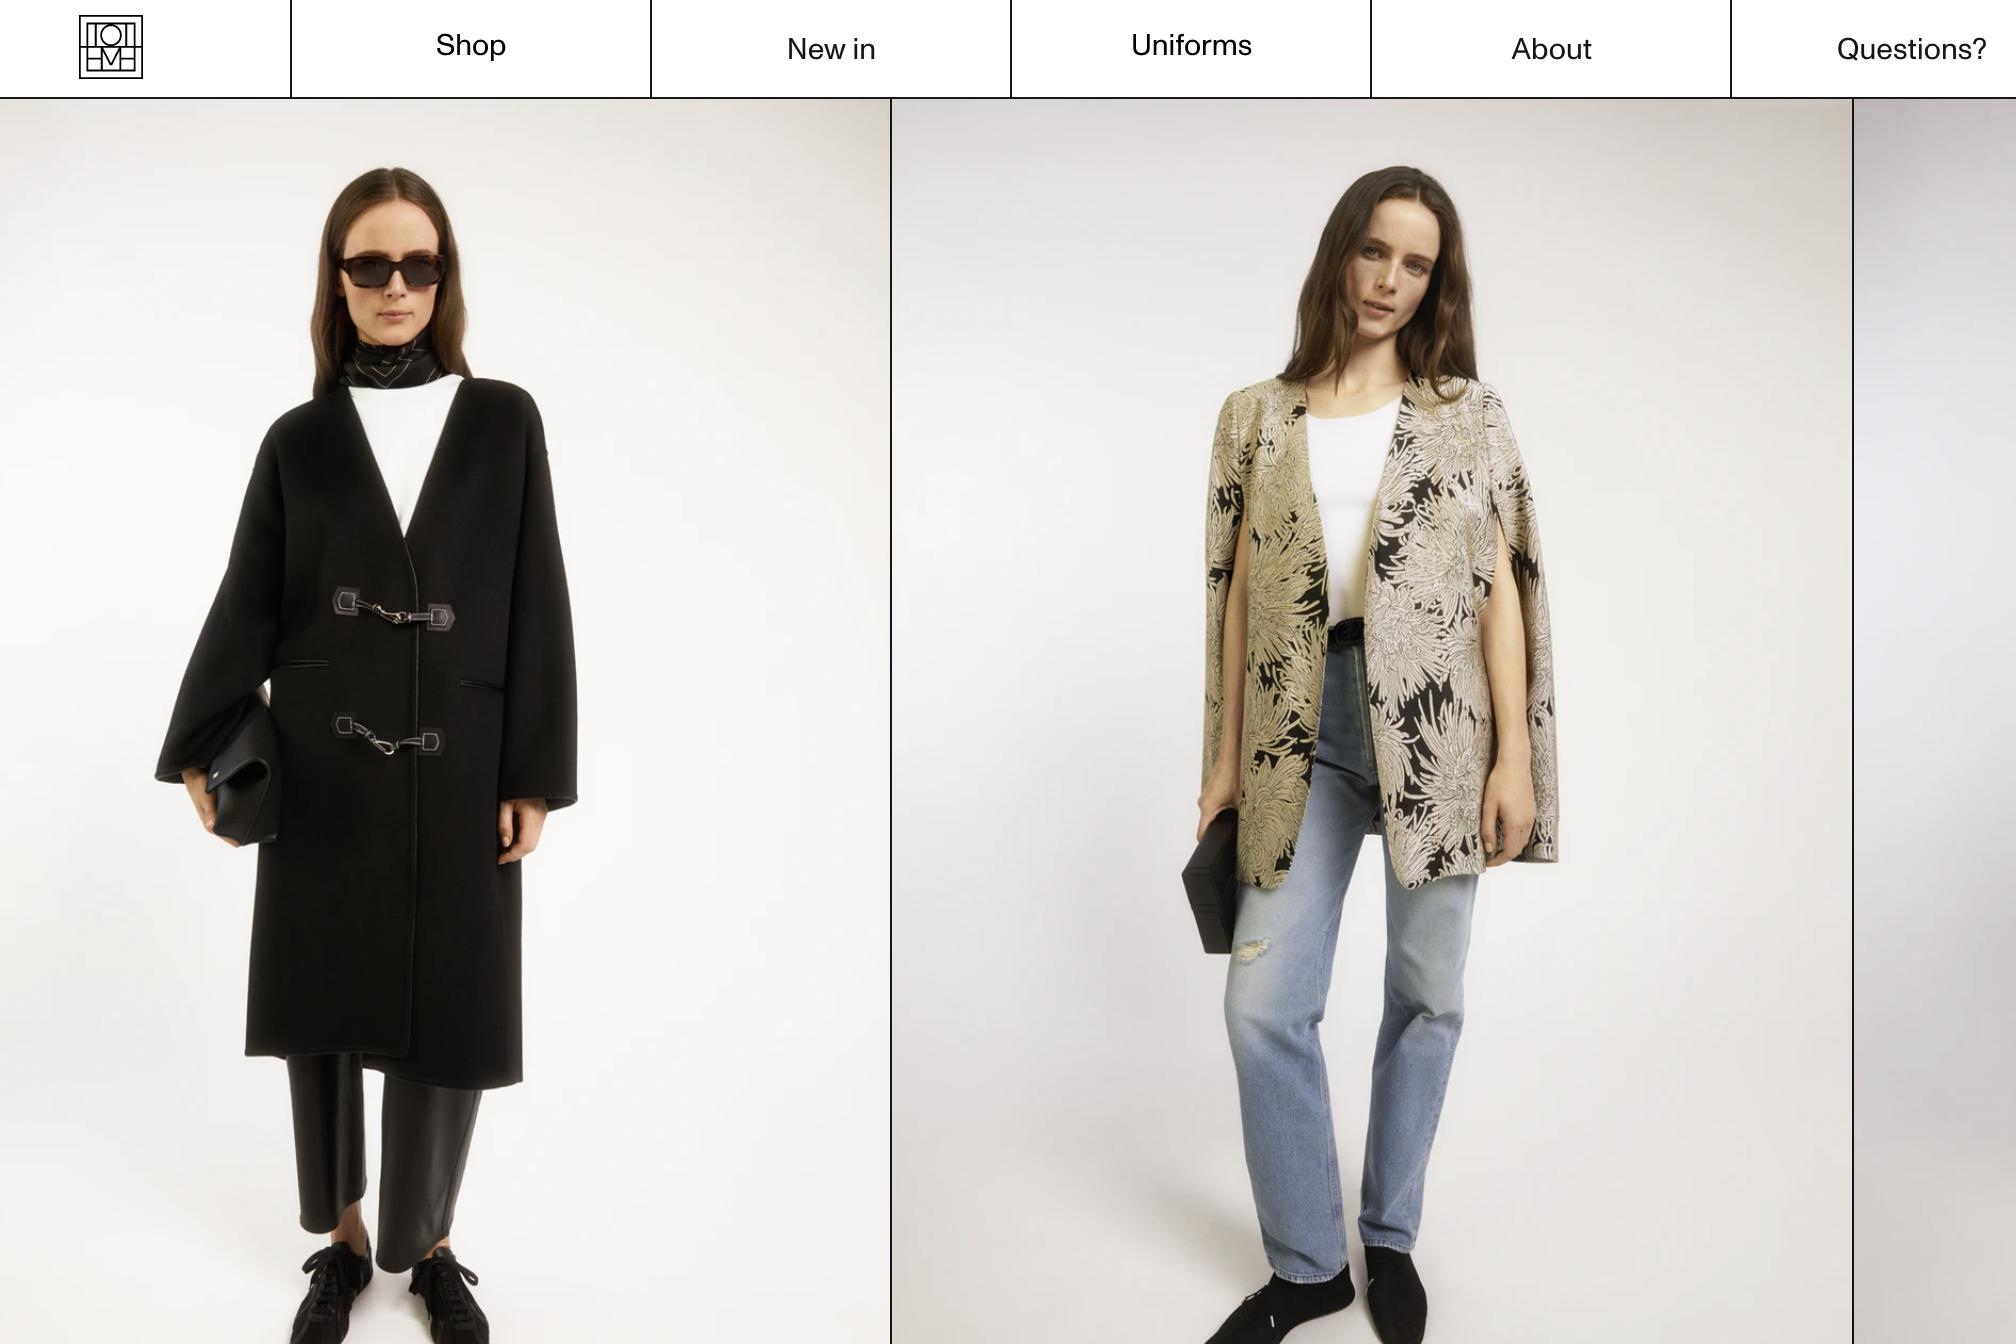 瑞典小众女装品牌 Totême 获欧洲家族基金 Altor 的少数股权投资